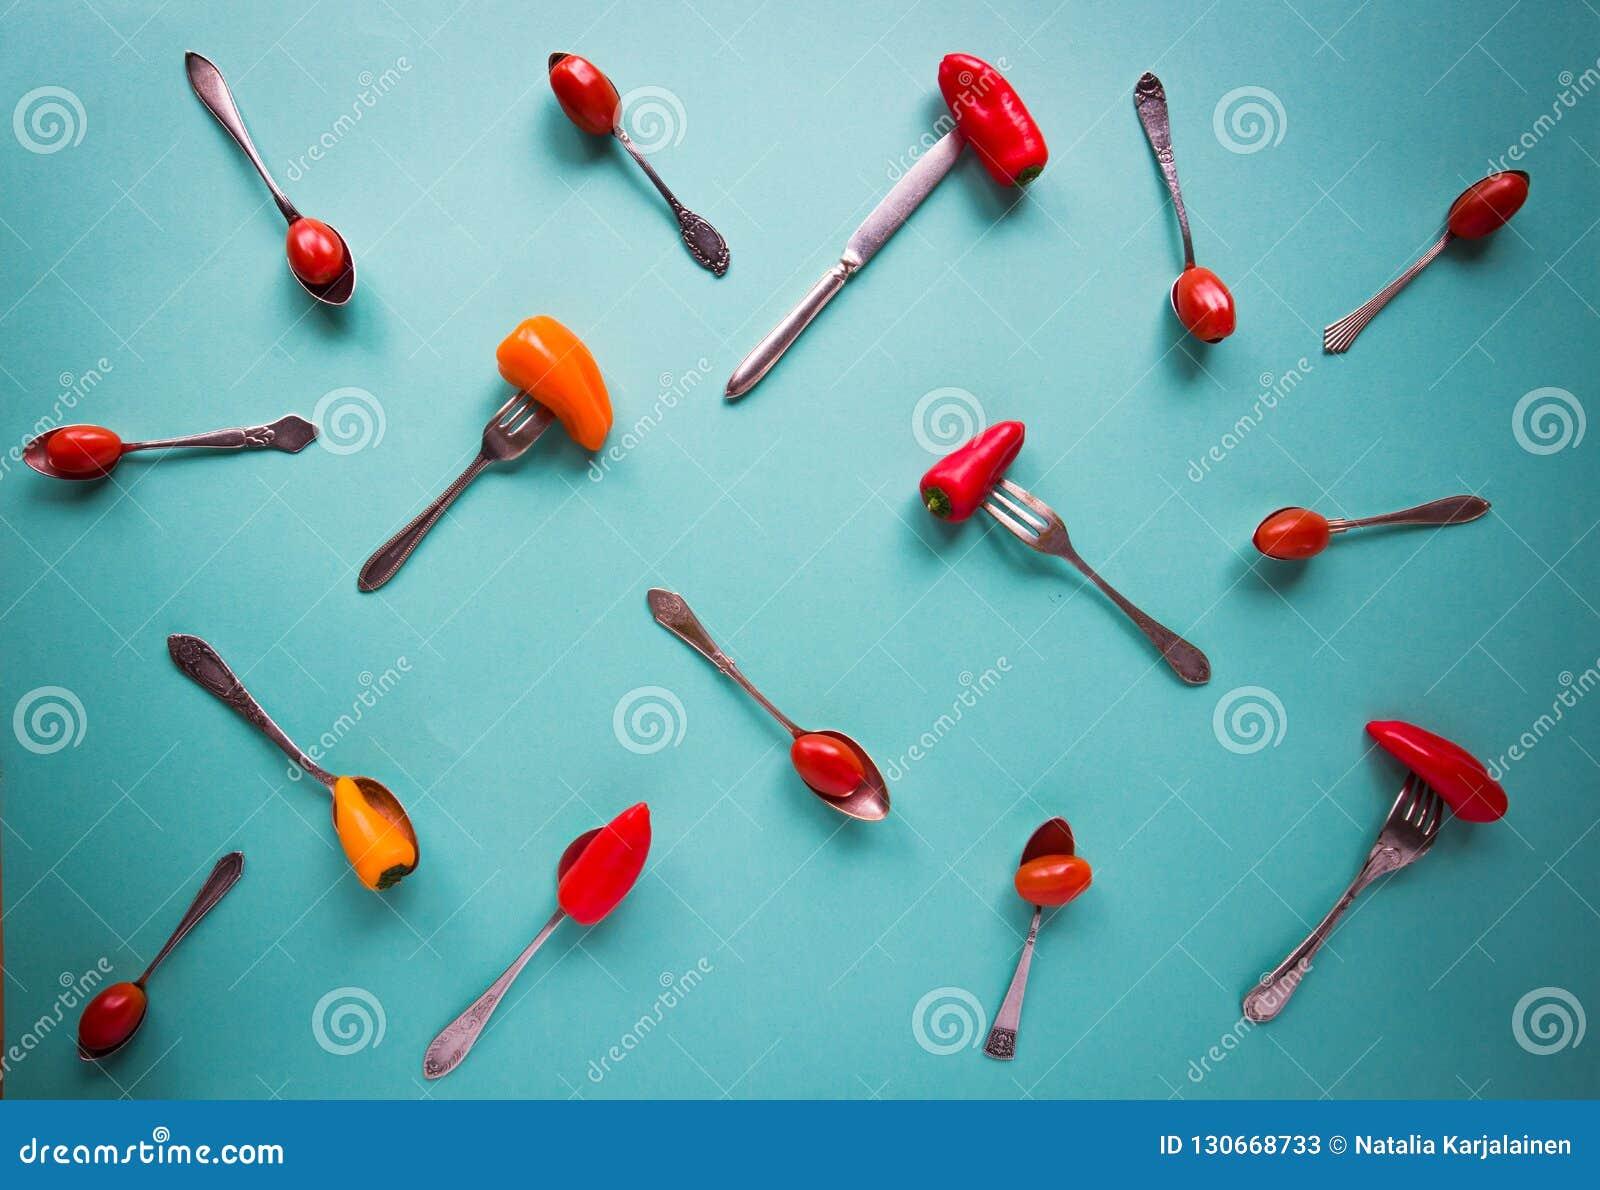 葡萄酒匙子、叉子和刀子用辣椒粉和西红柿在蓝色背景